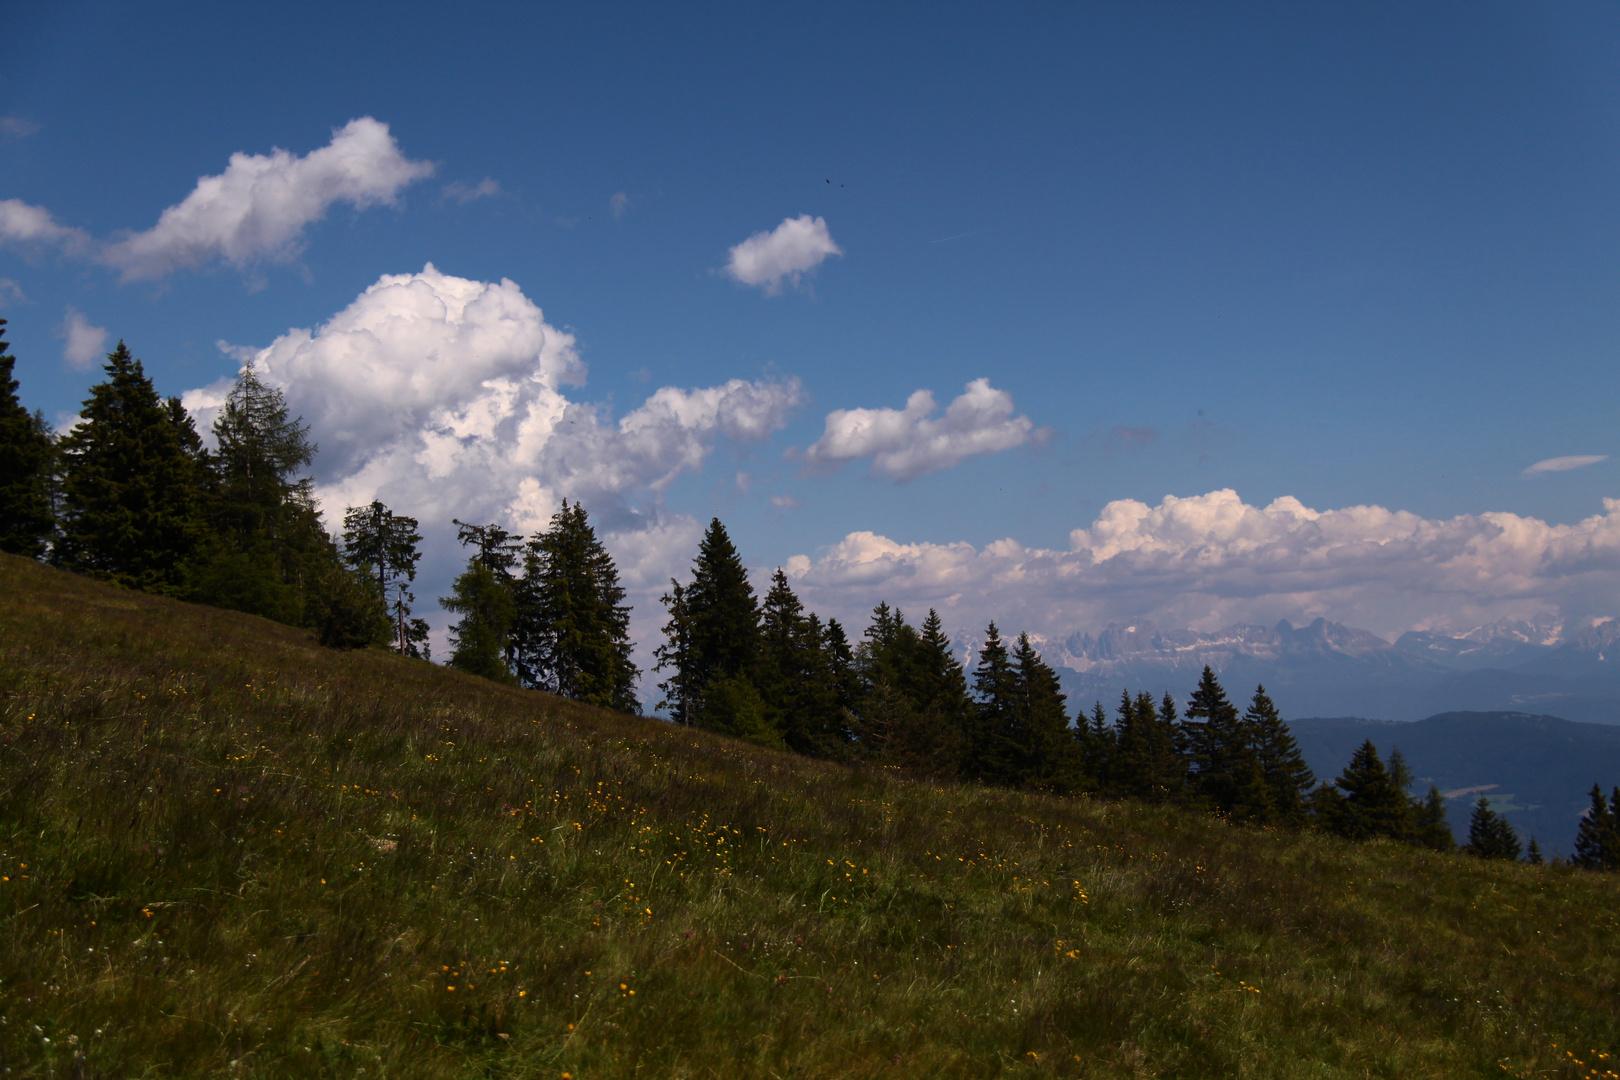 les nuages défilent, pour le 14 juillet!